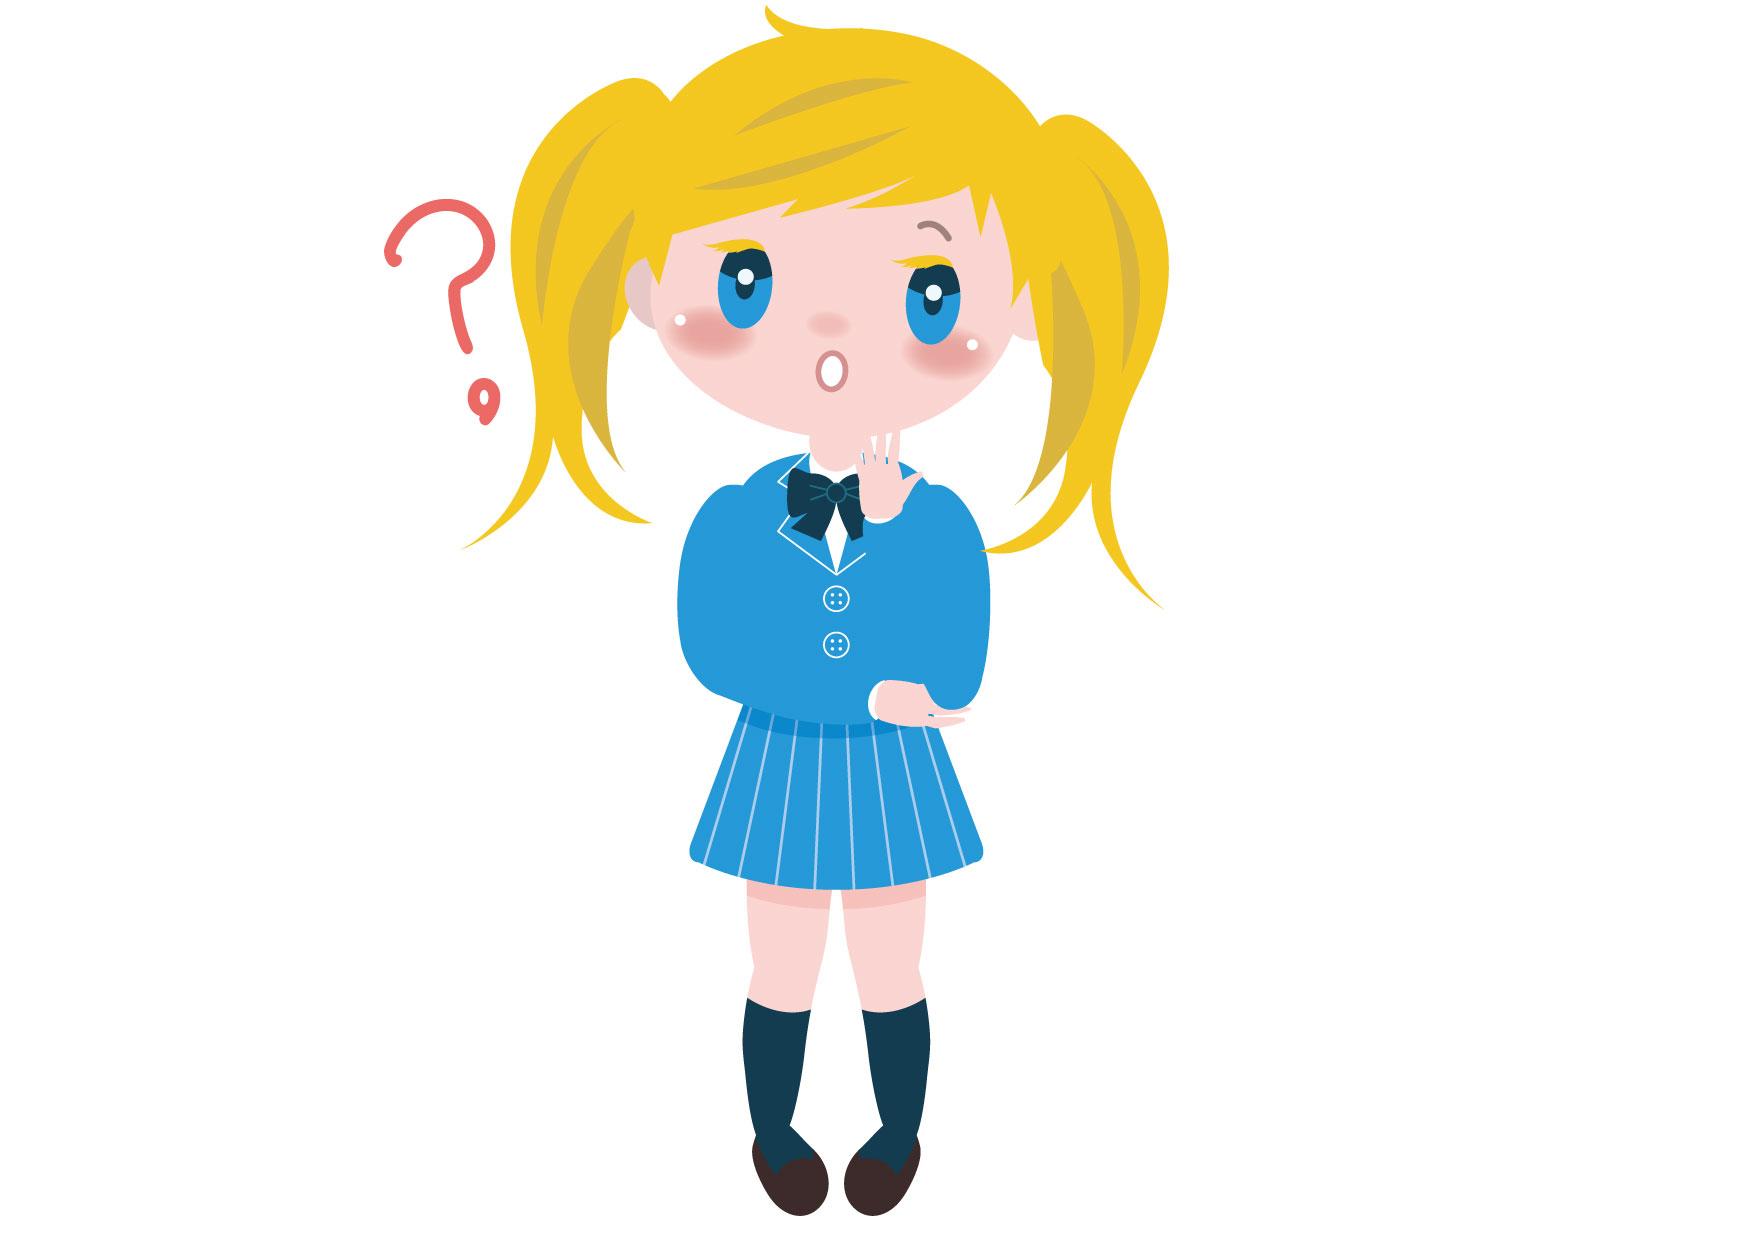 可愛いイラスト無料|学生 女の子 全身 外国人 考え事 − free illustration Student girl whole body thinking